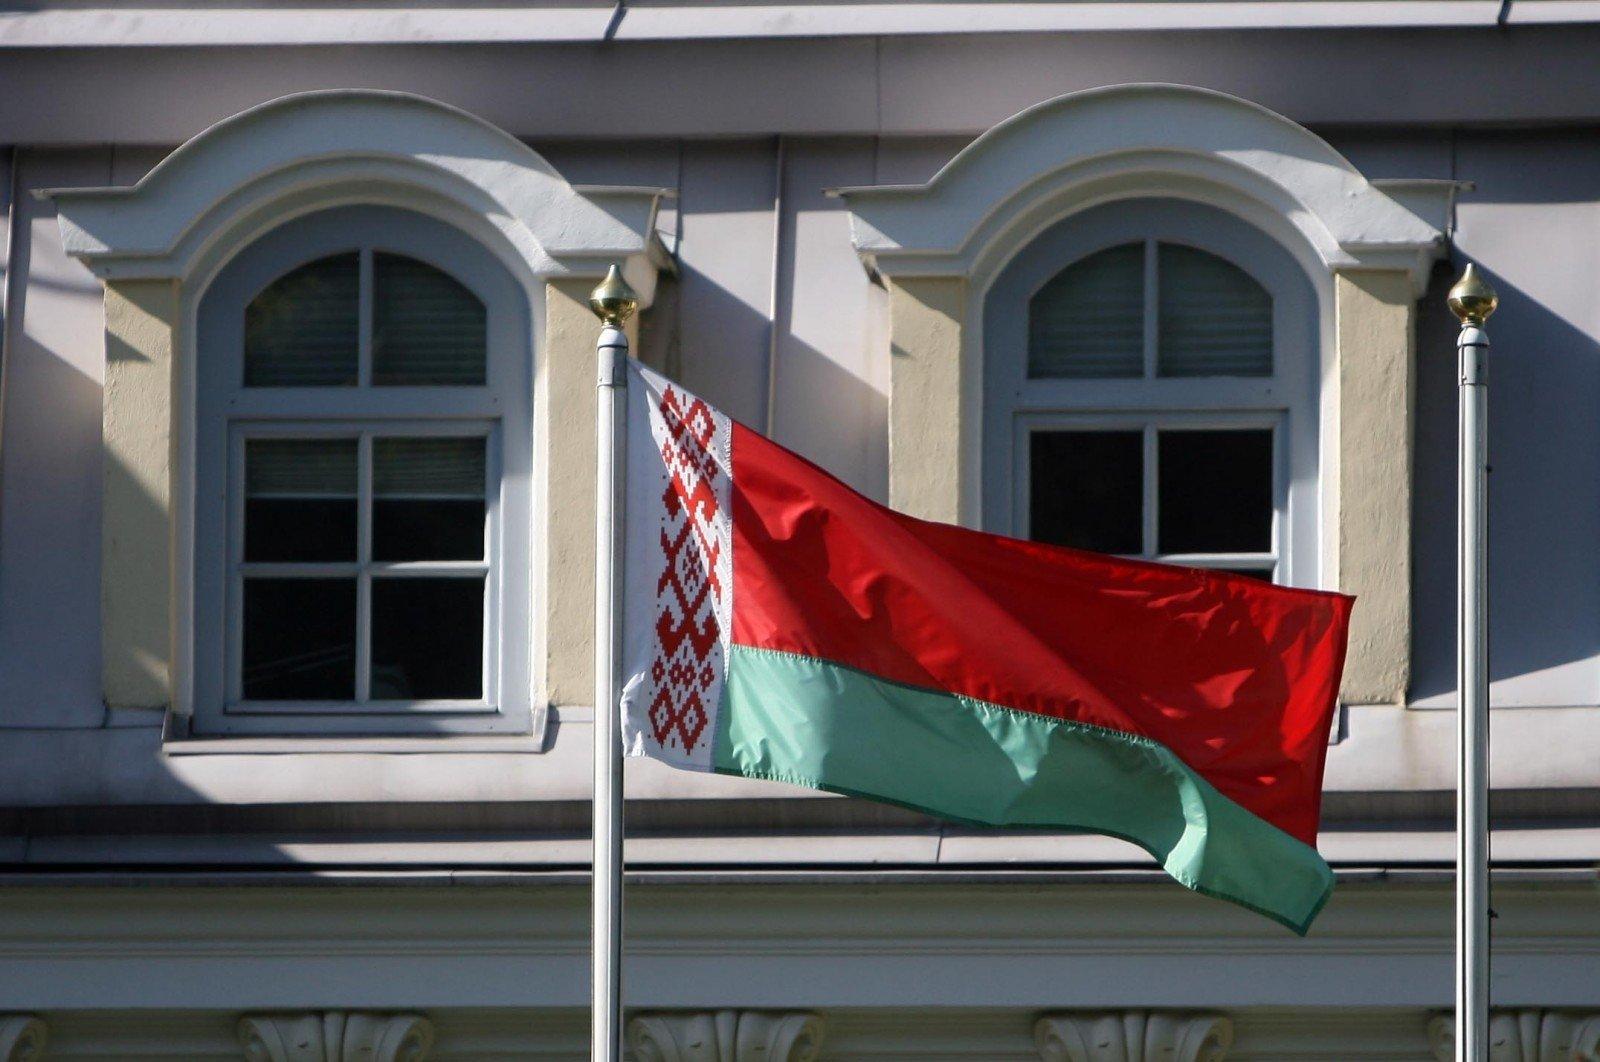 Правительство Белоруссии приняло решение о закрытии своего генерального консульства в Одессе